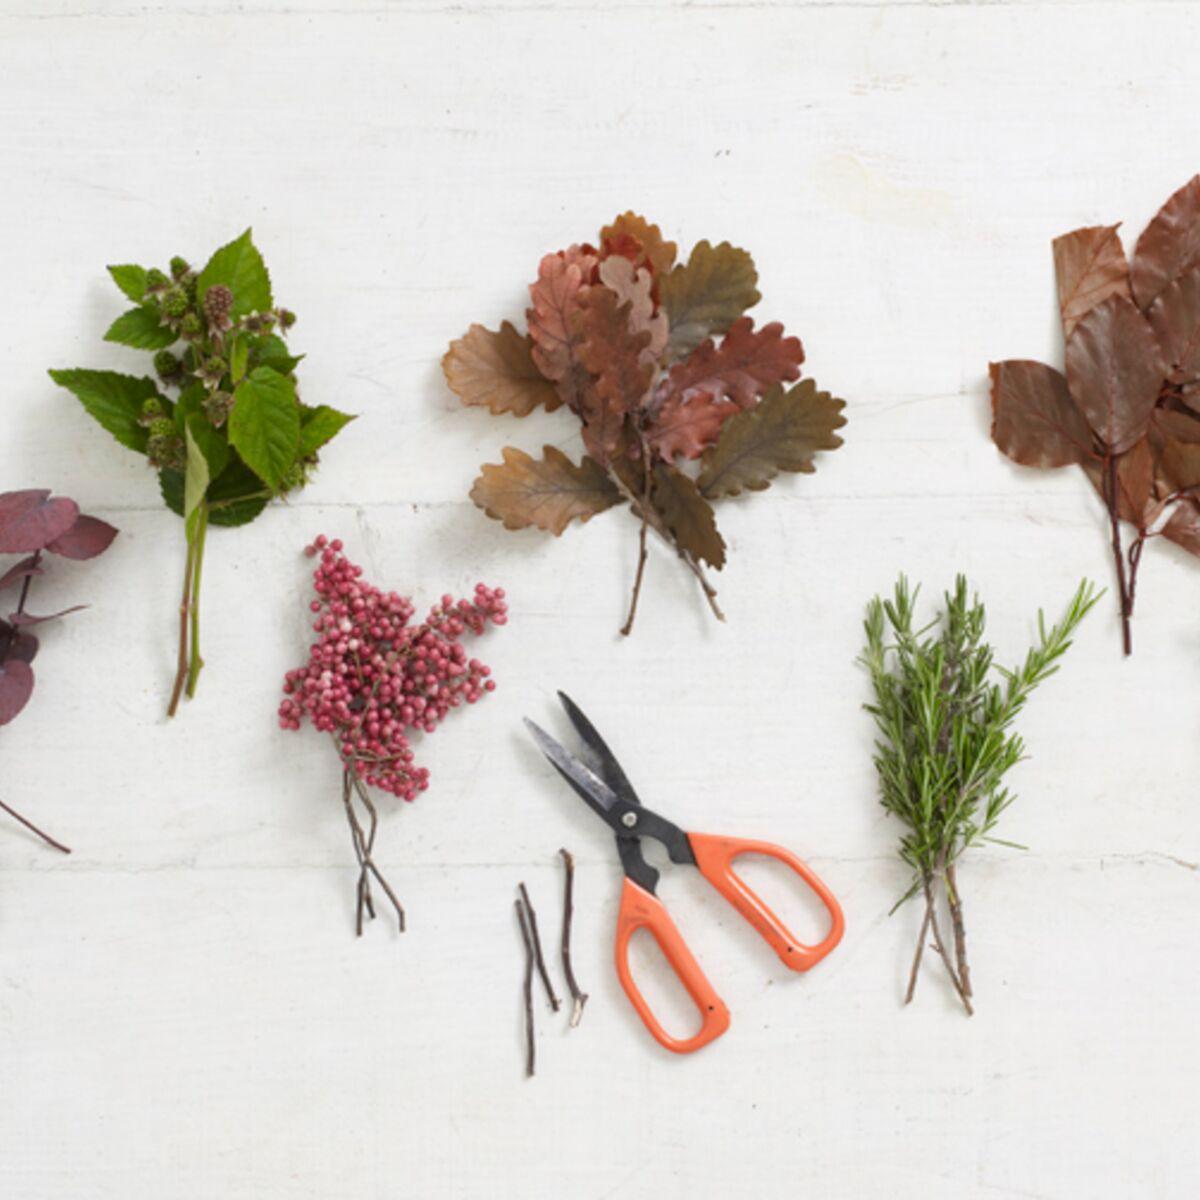 Ou Acheter De La Mousse Pour Piquer Des Fleurs compositions florales d'automne-hiver : 7 tutos faciles à